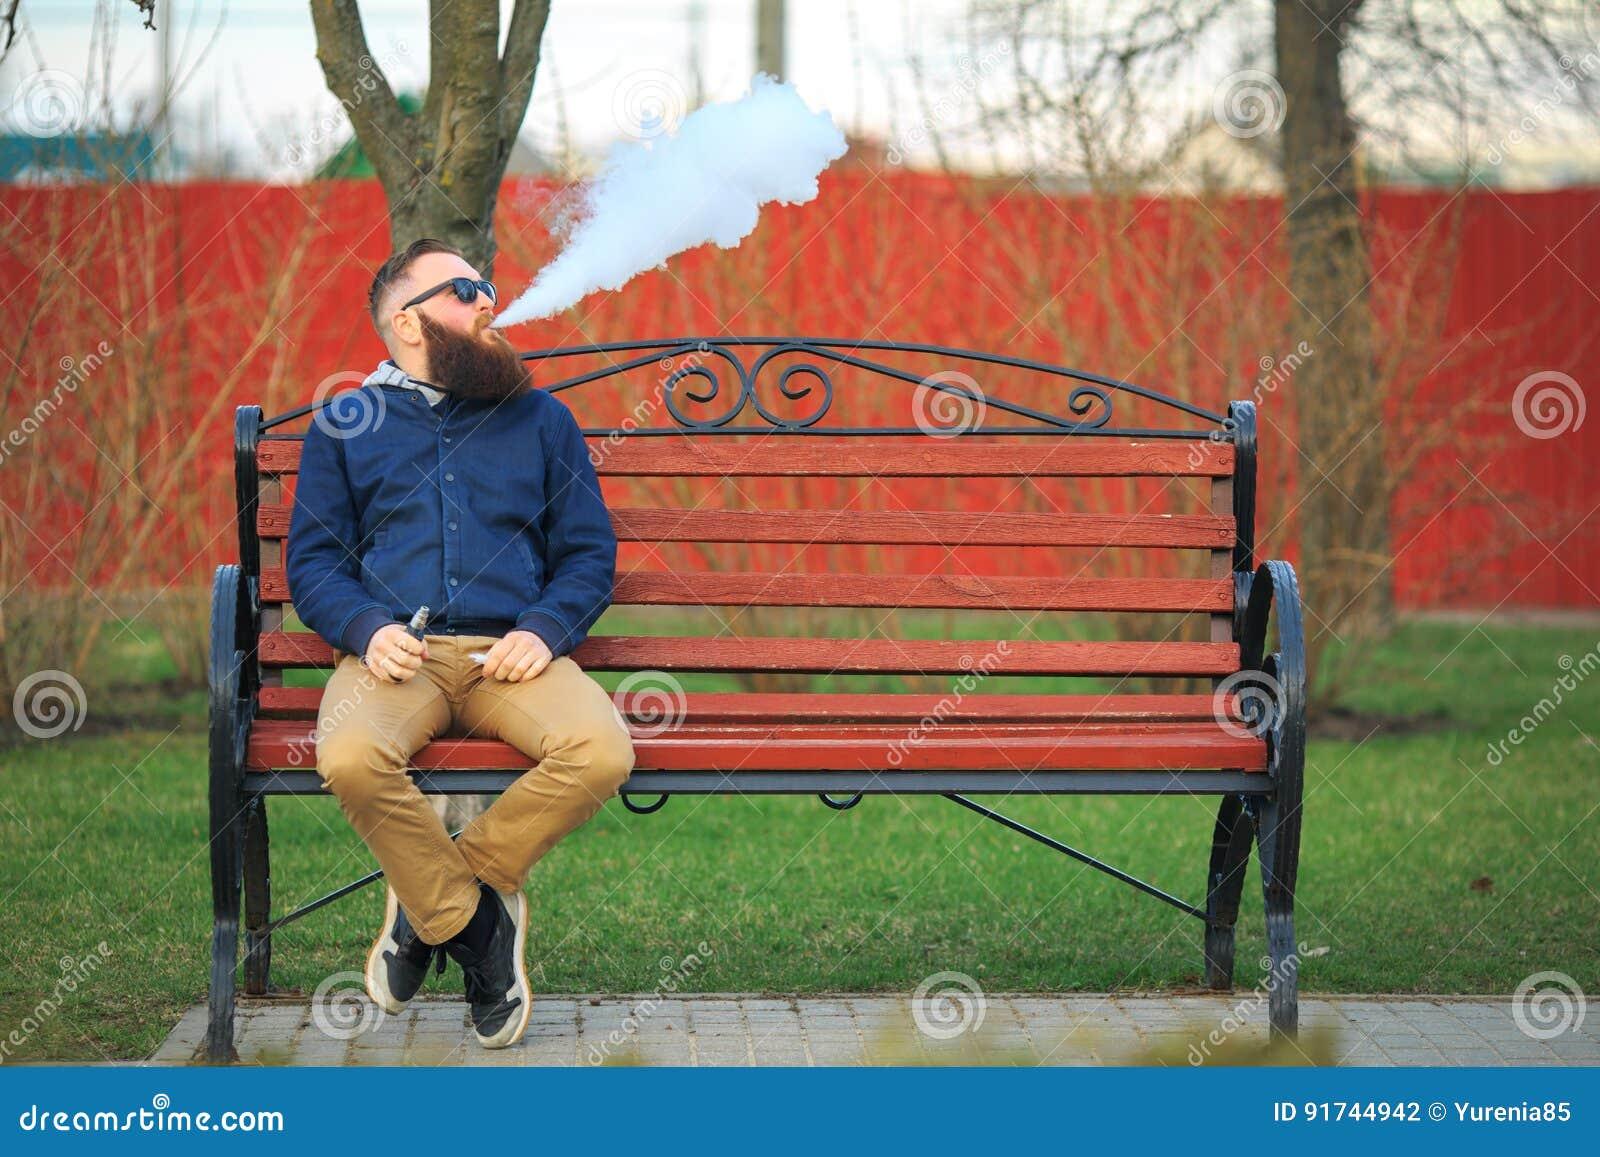 Vape 有大胡子和时兴的理发的年轻残酷人在太阳镜抽在红色长凳的一根电子香烟